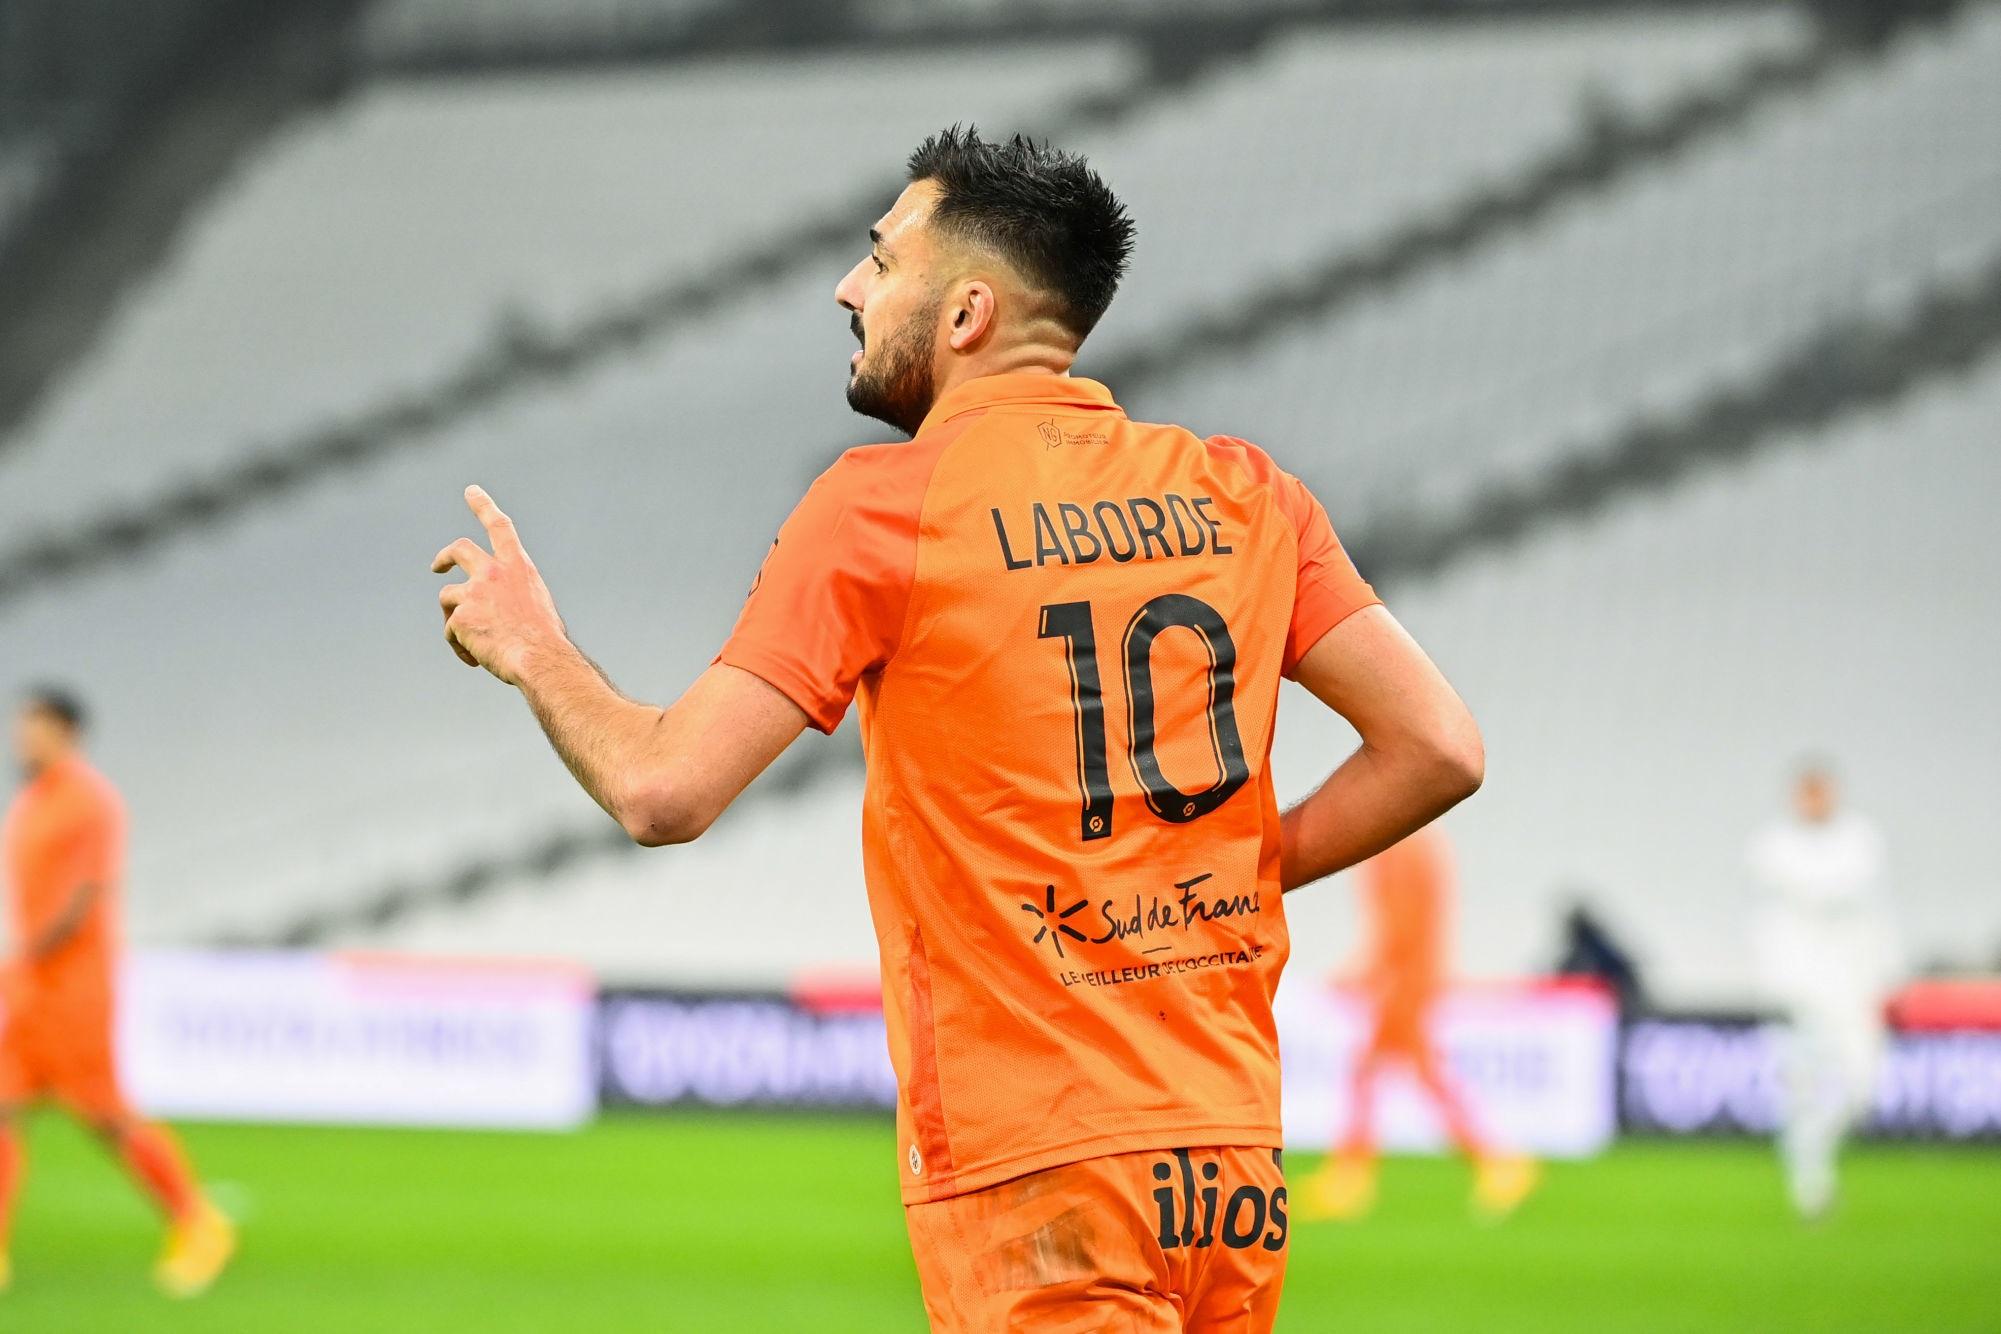 """PSG/Montpellier - Laborde """"À dix contre eux, c'est joué d'avance."""""""